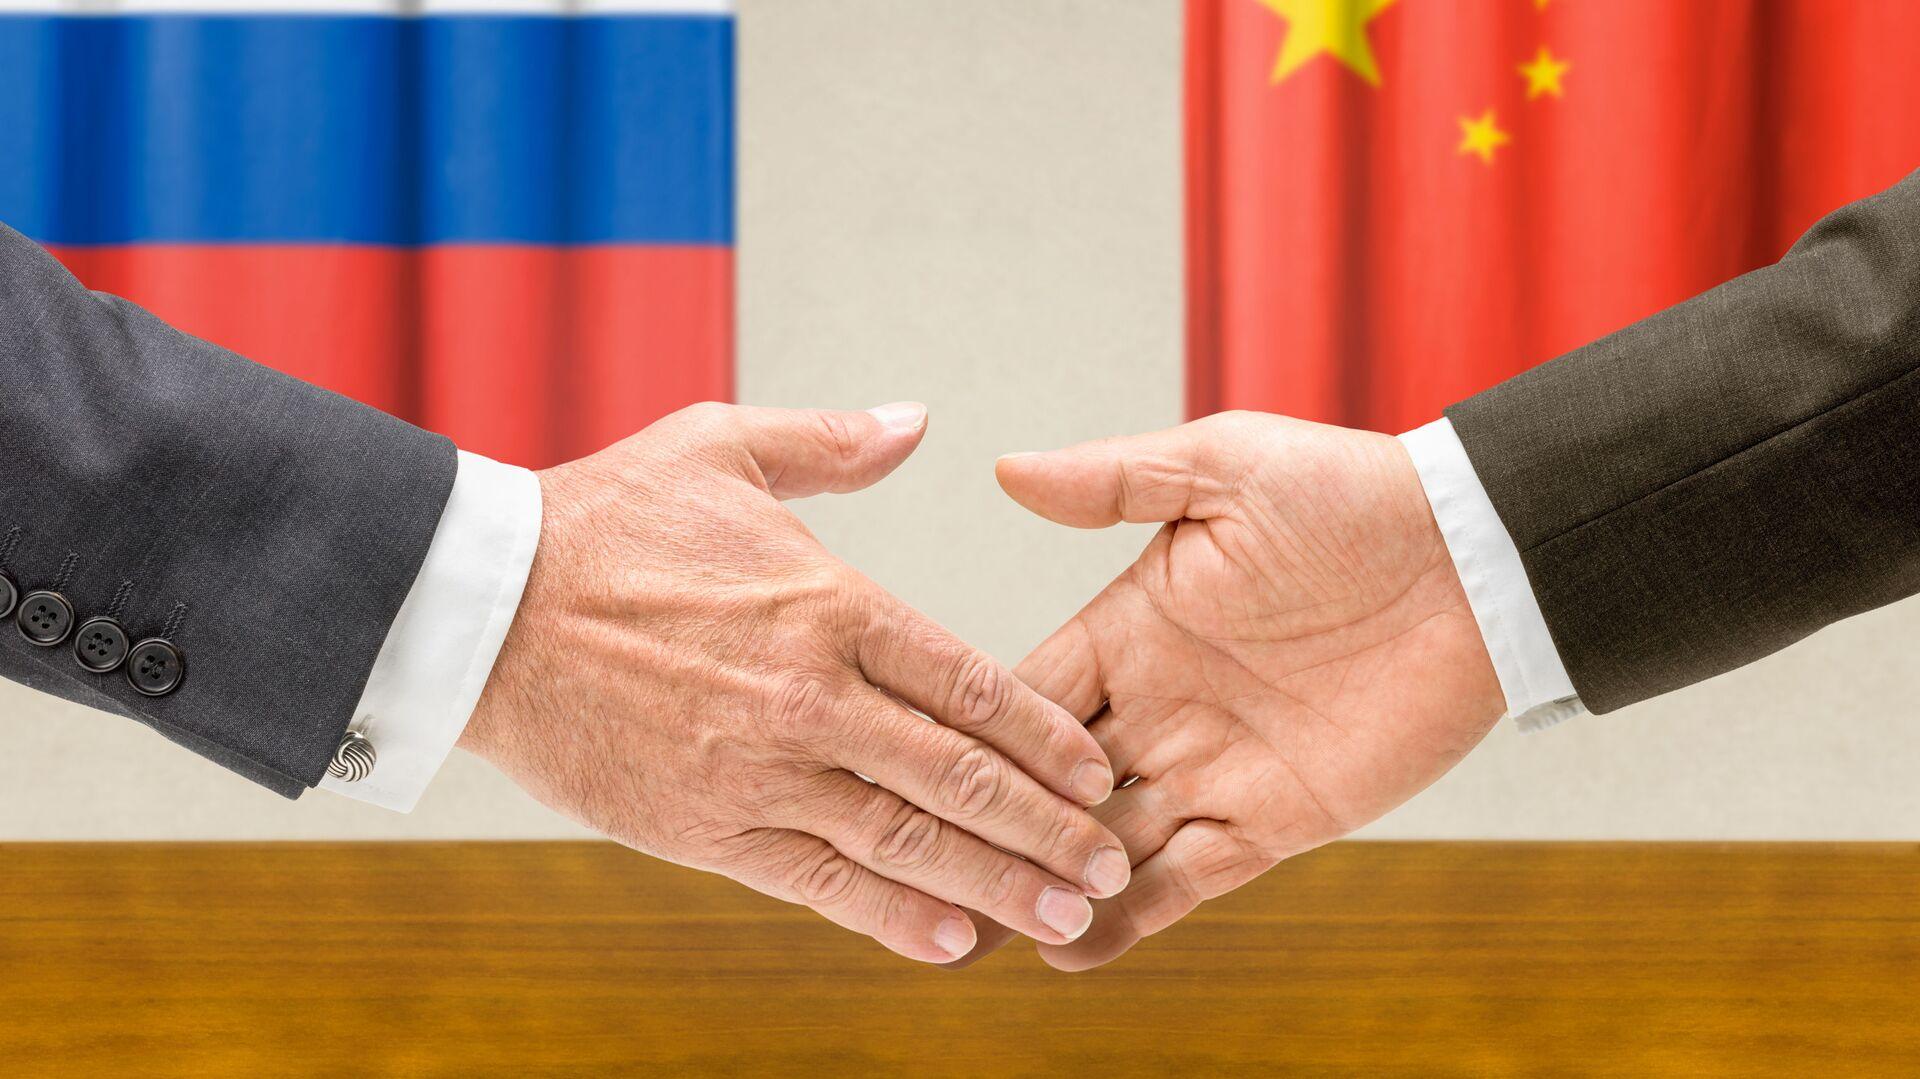 La cooperazione tra Cina e Russia - Sputnik Italia, 1920, 29.03.2021